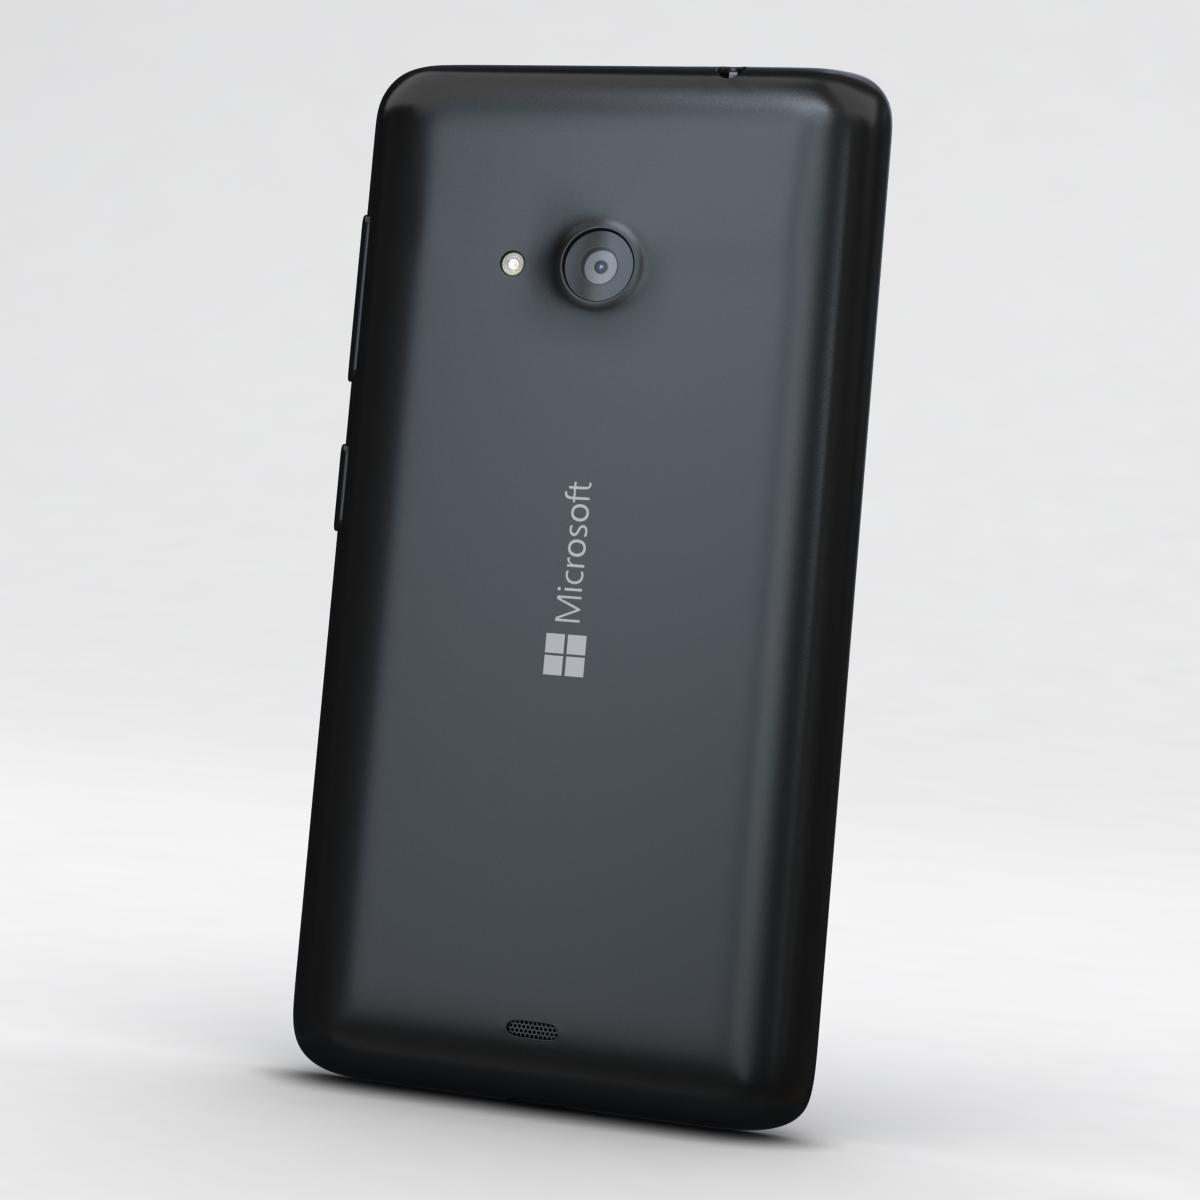 microsoft lumia 535 and dual sim all colors 3d model 3ds max fbx c4d obj 204703